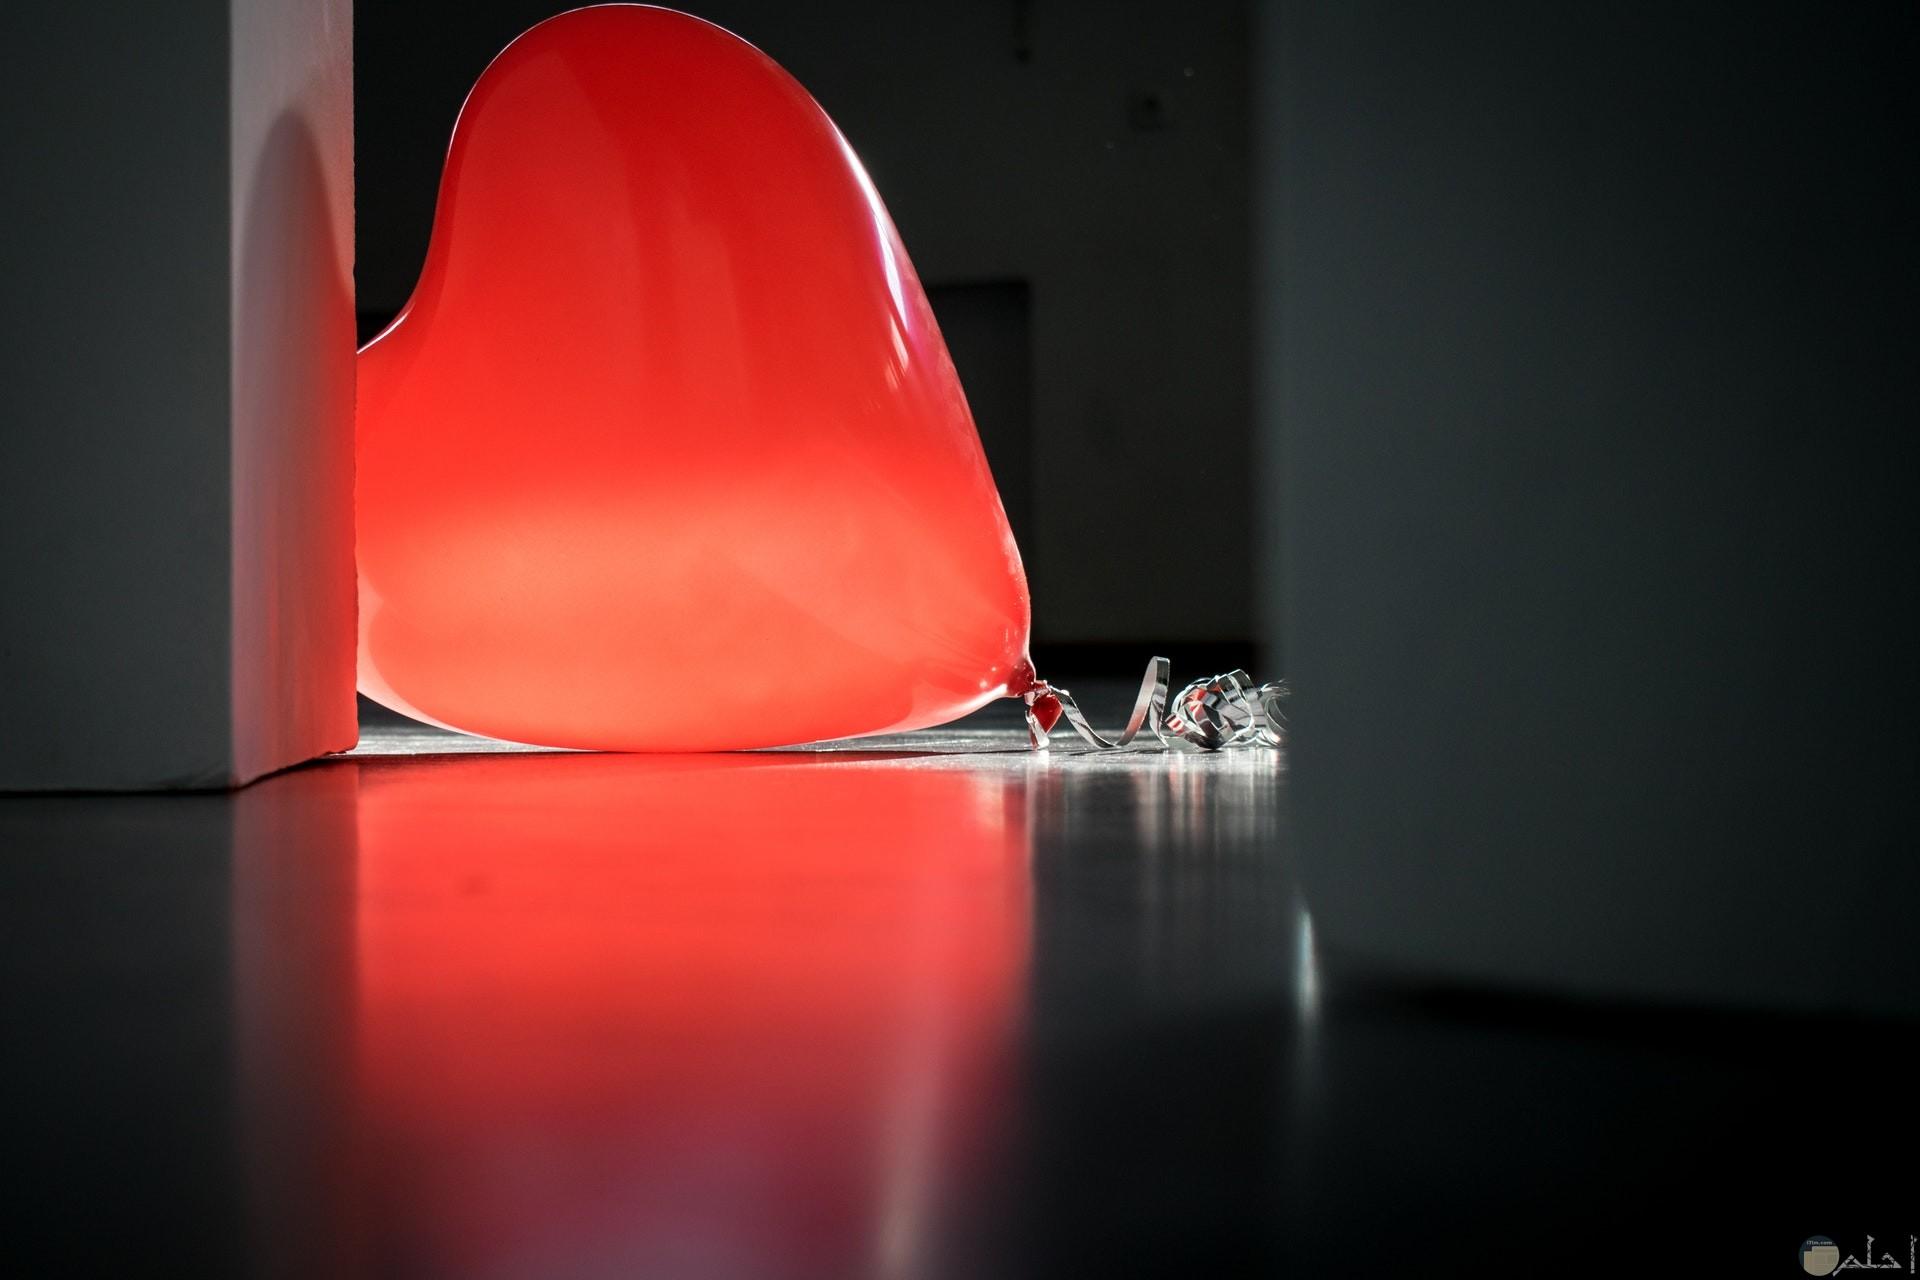 صورة جميلة جدا لقلب علي شكل بالونة حمراء حلوة